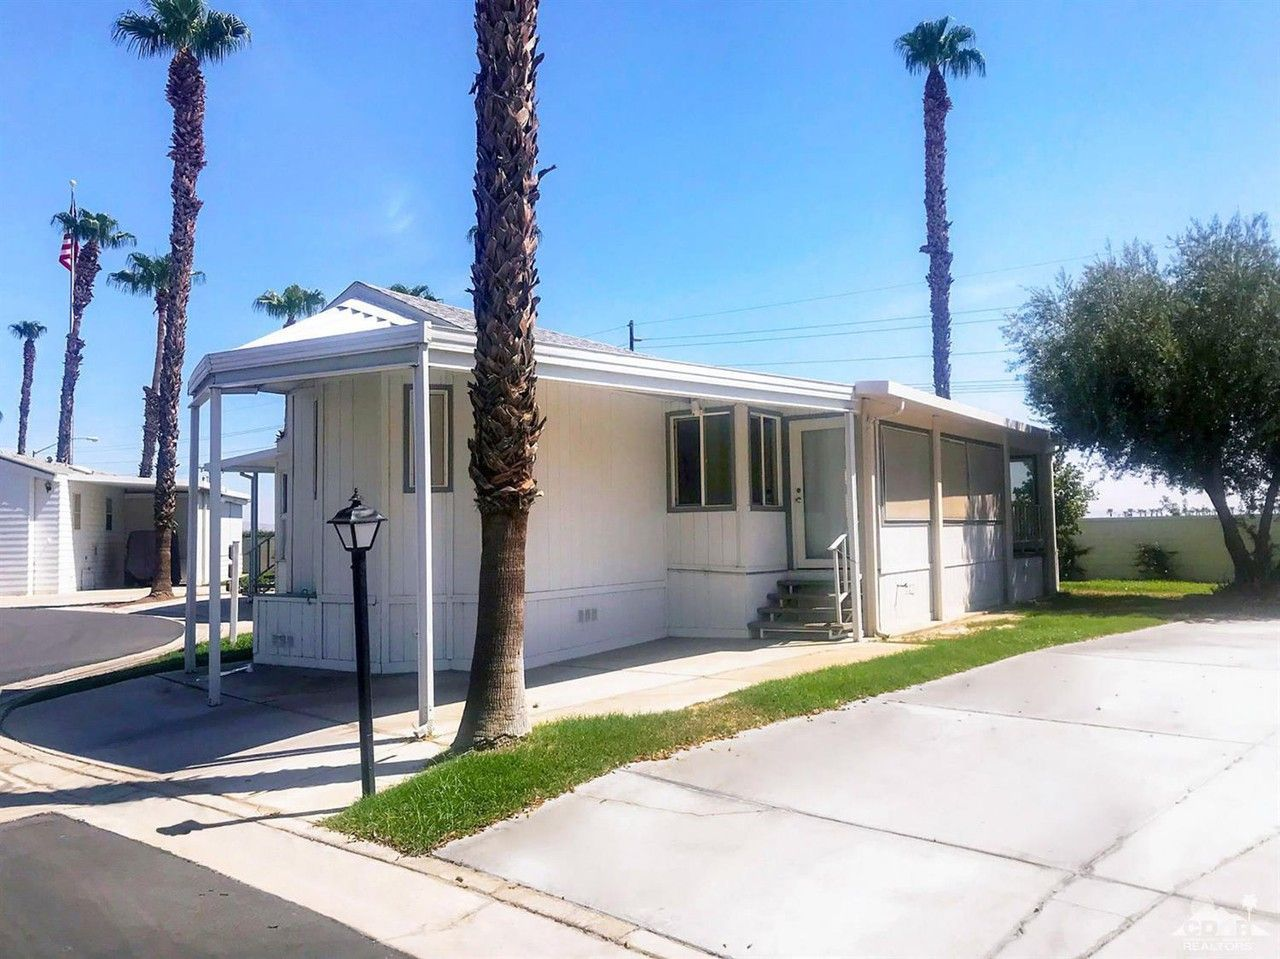 84136 Avenue 44 208 Indio Ca 92203 1 Bedroom Apartment